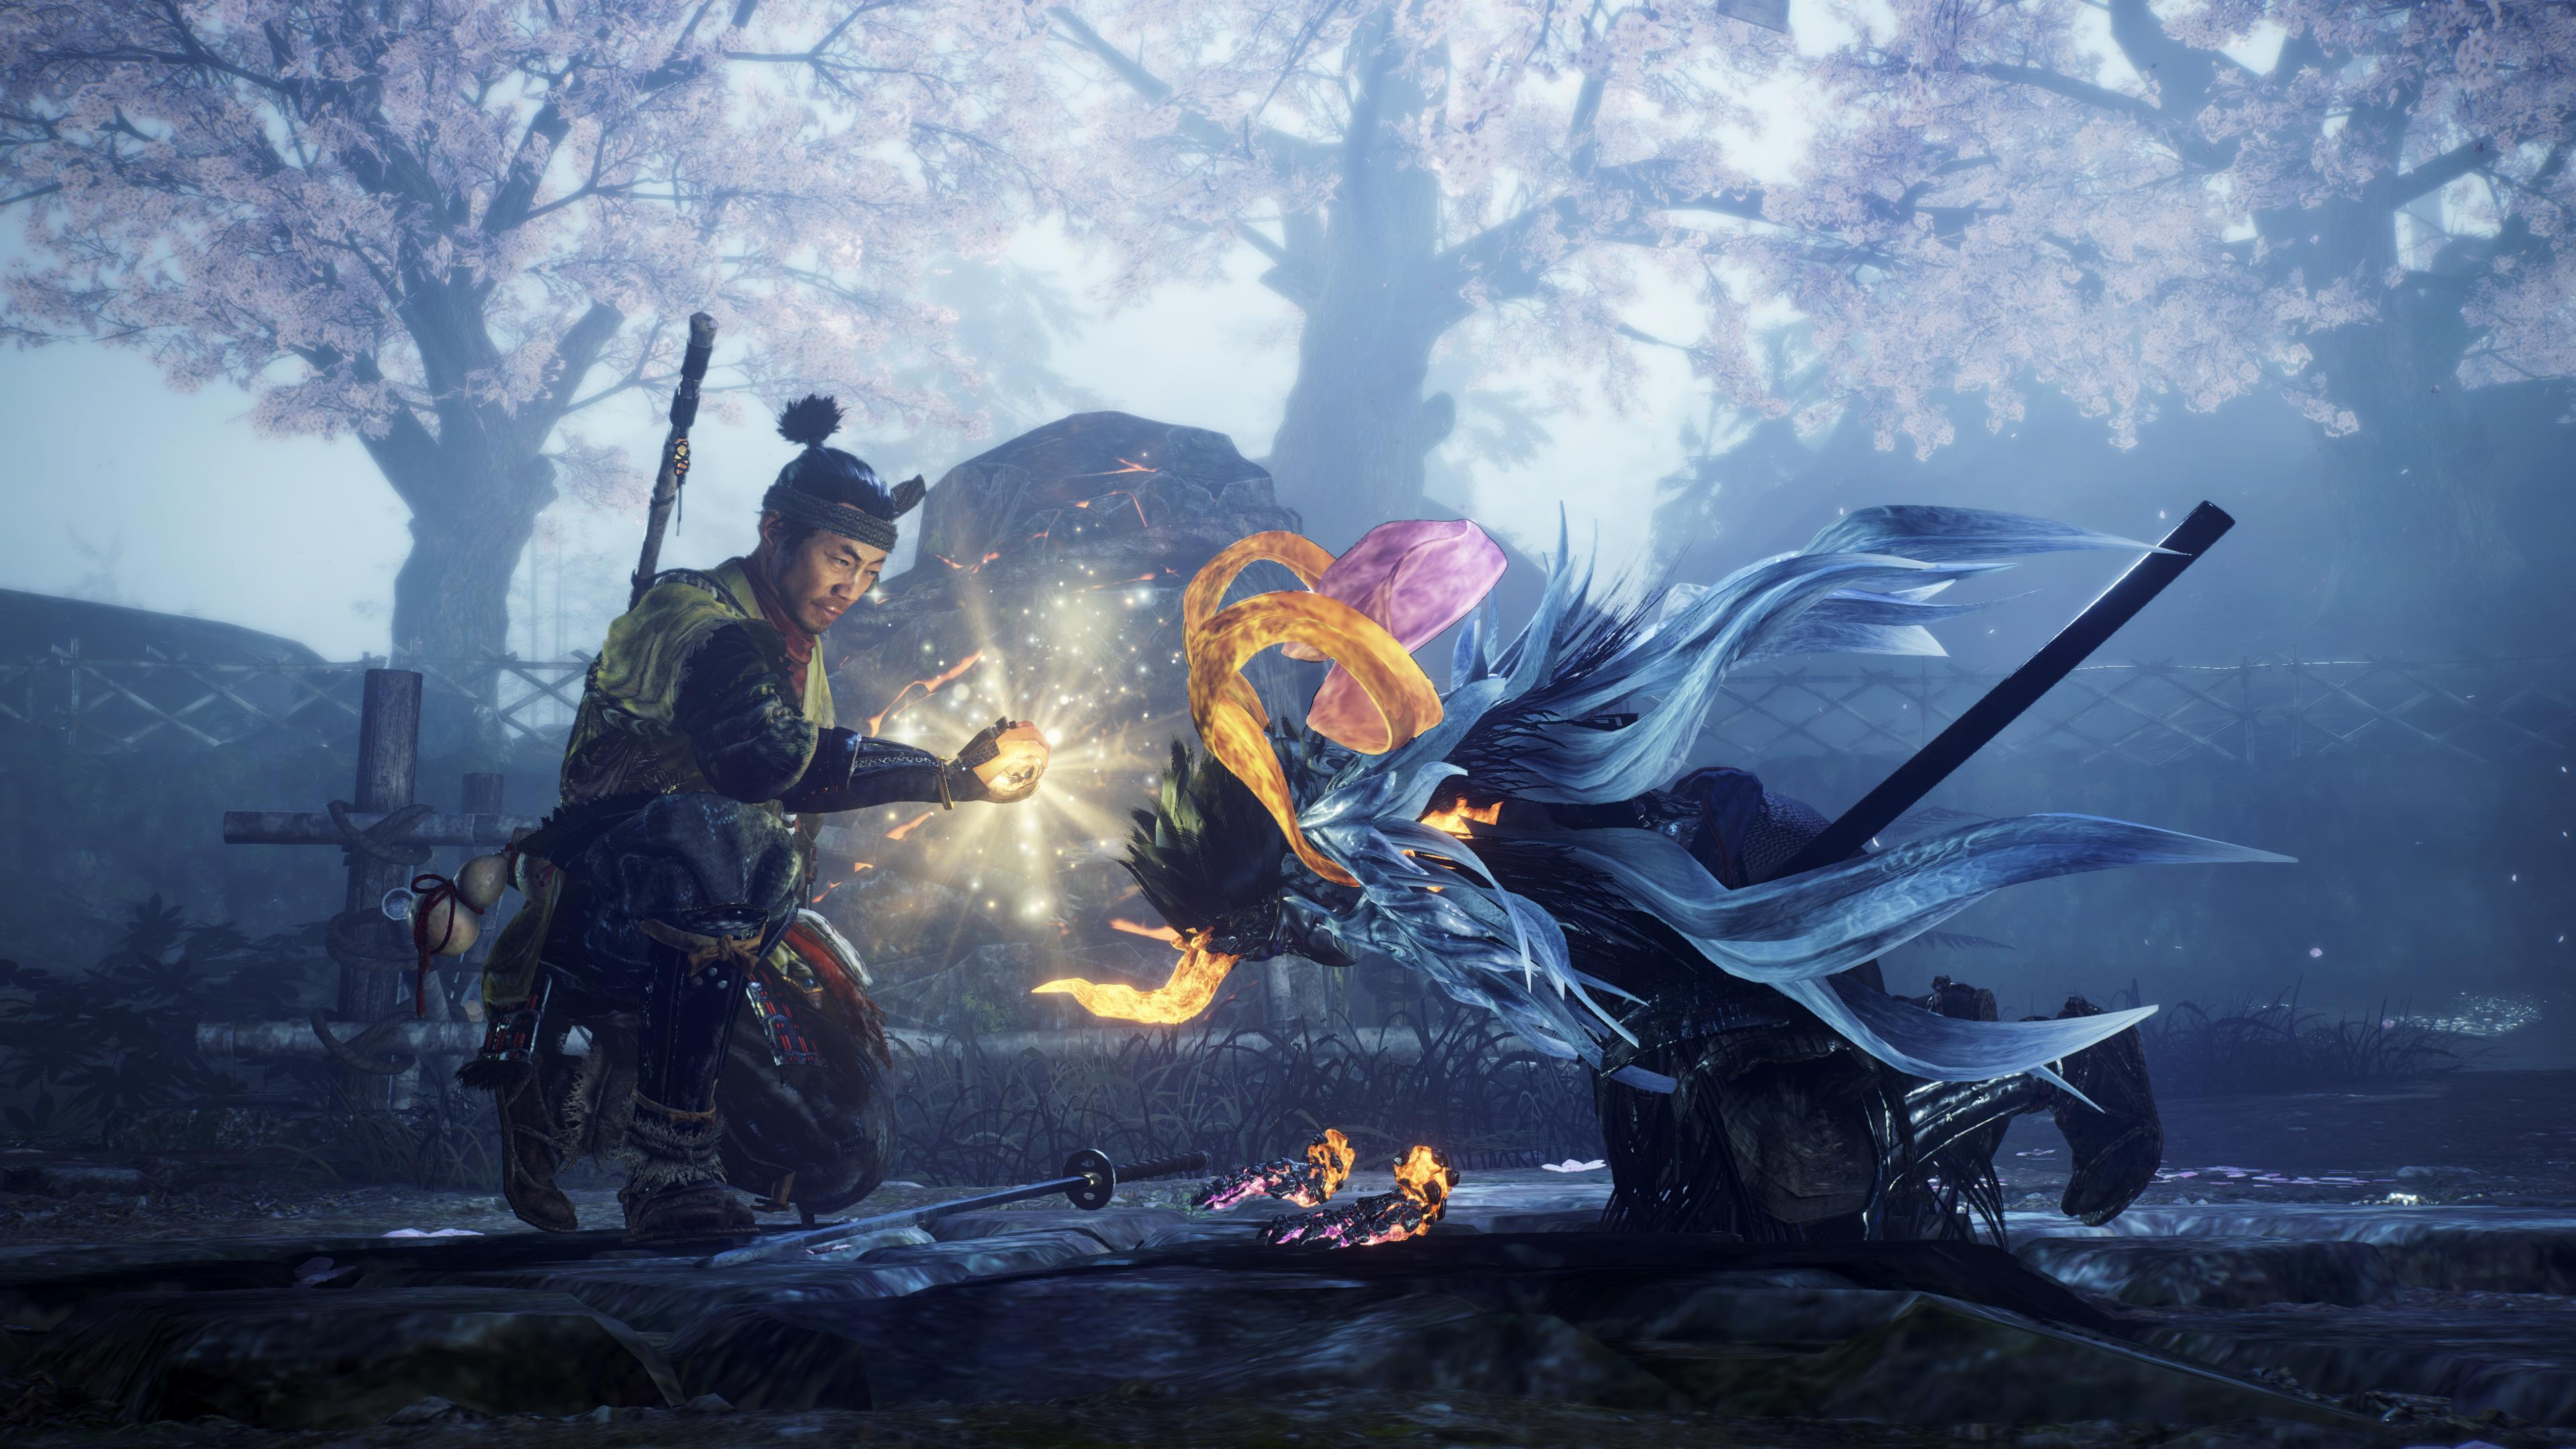 《仁王2:完全版》Steam截图 介绍藤吉郎织田信长等